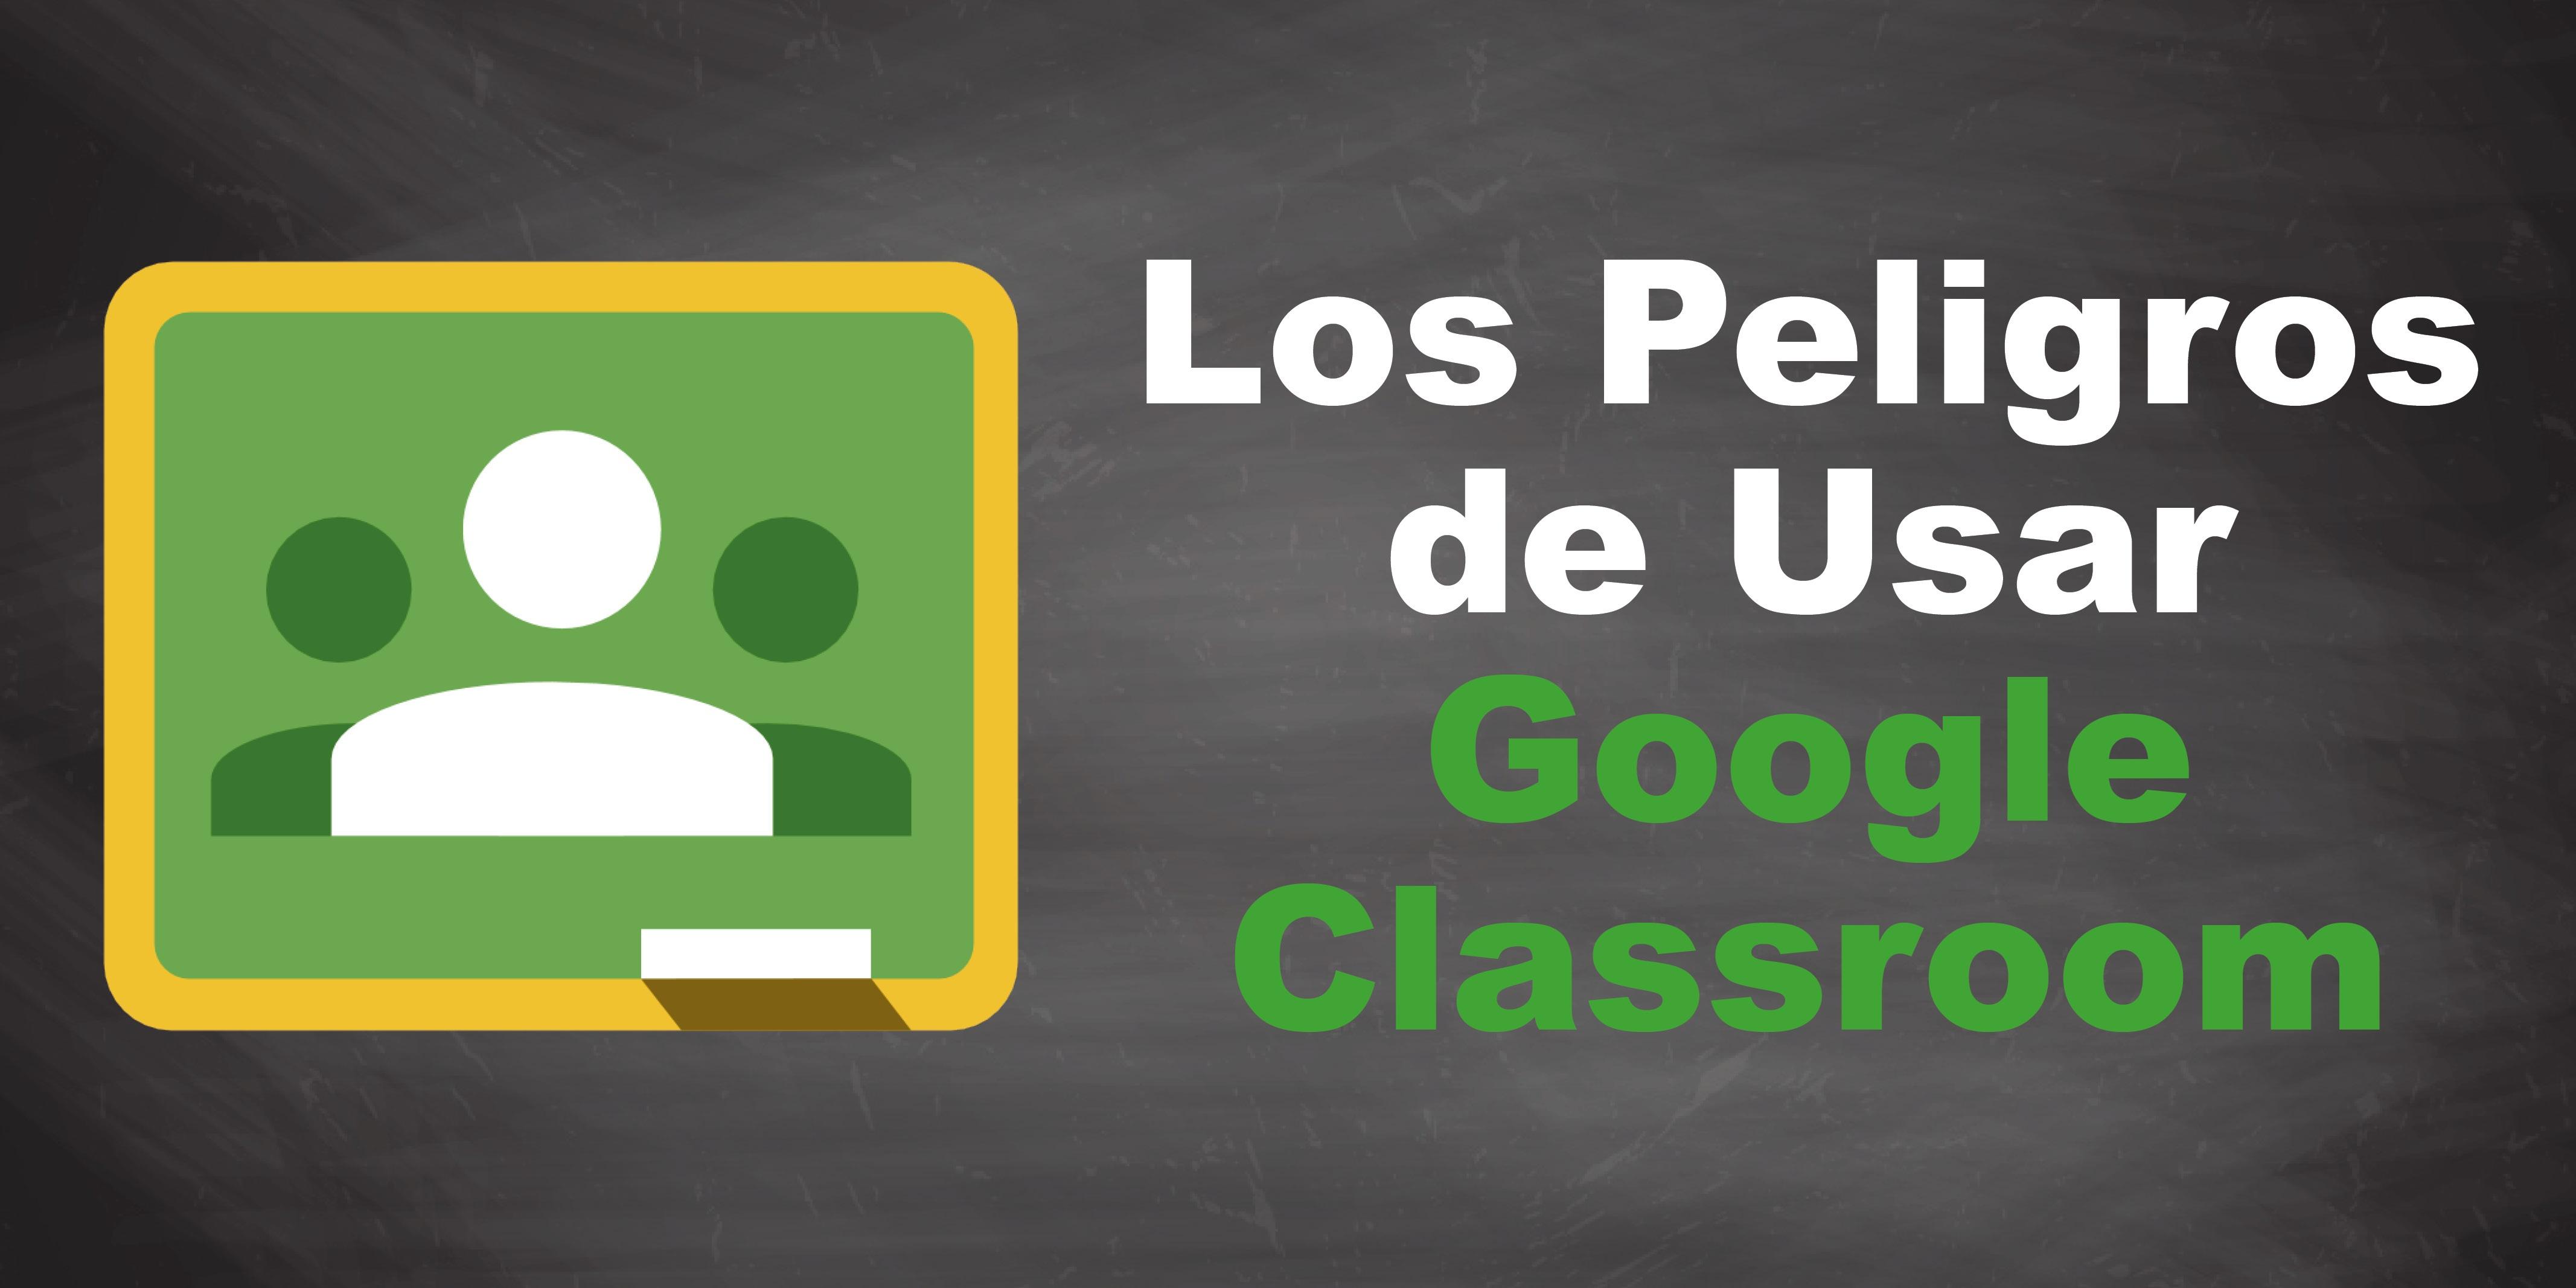 Los Peligros de Usar Google Classroom